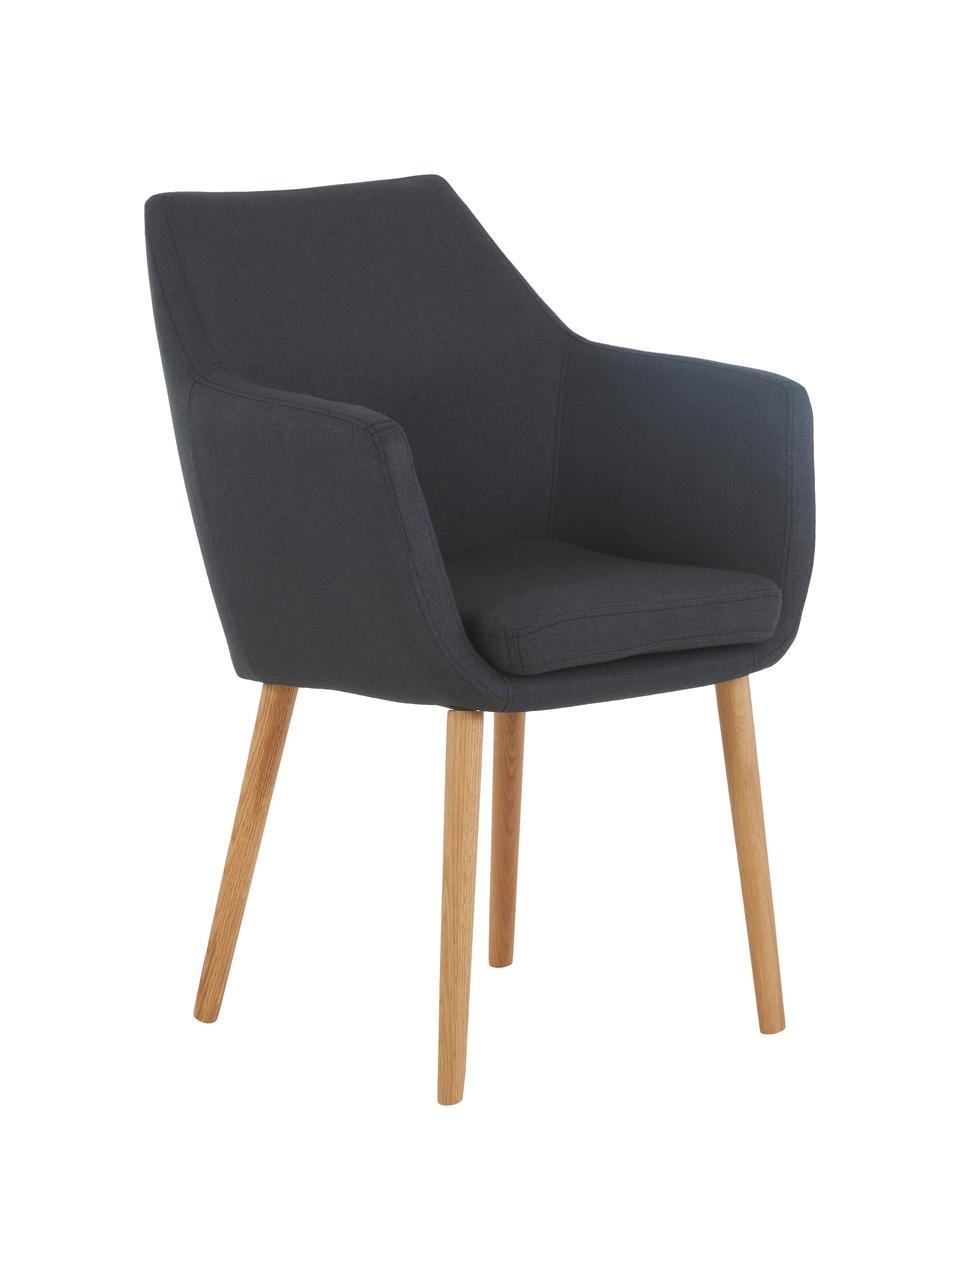 Sedia stile nordico con braccioli Nora, Rivestimento: 100% poliestere Il rivest, Gambe: legno di quercia, Tessuto antracite, gambe in quercia, Larg. 58 x Prof. 58 cm